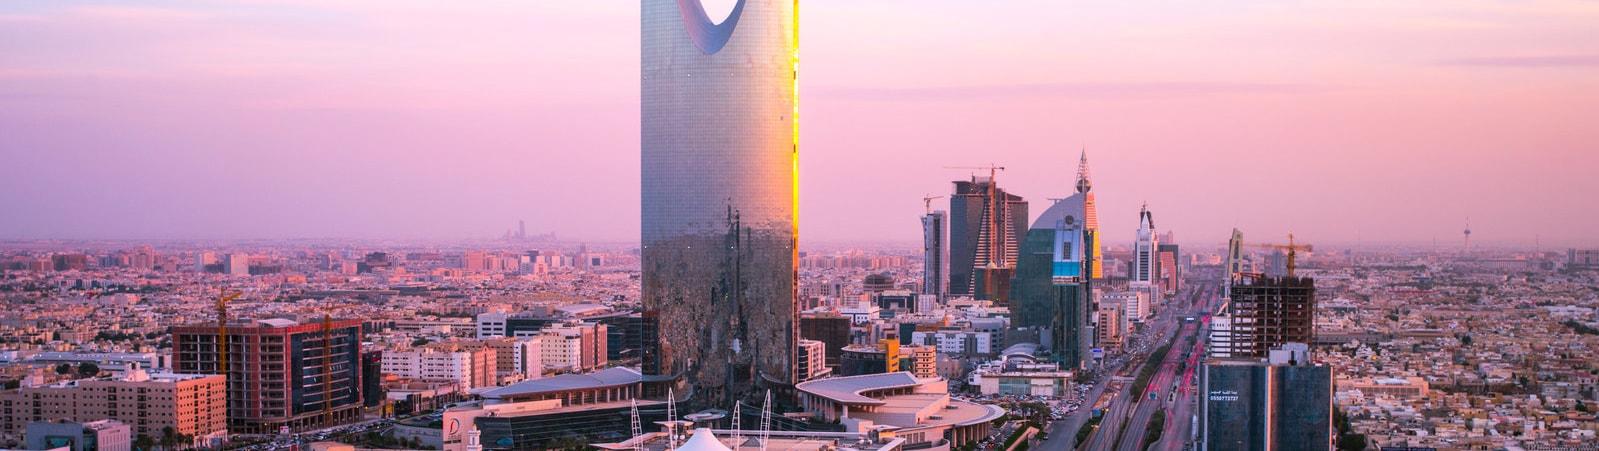 suadi-arabia-visa